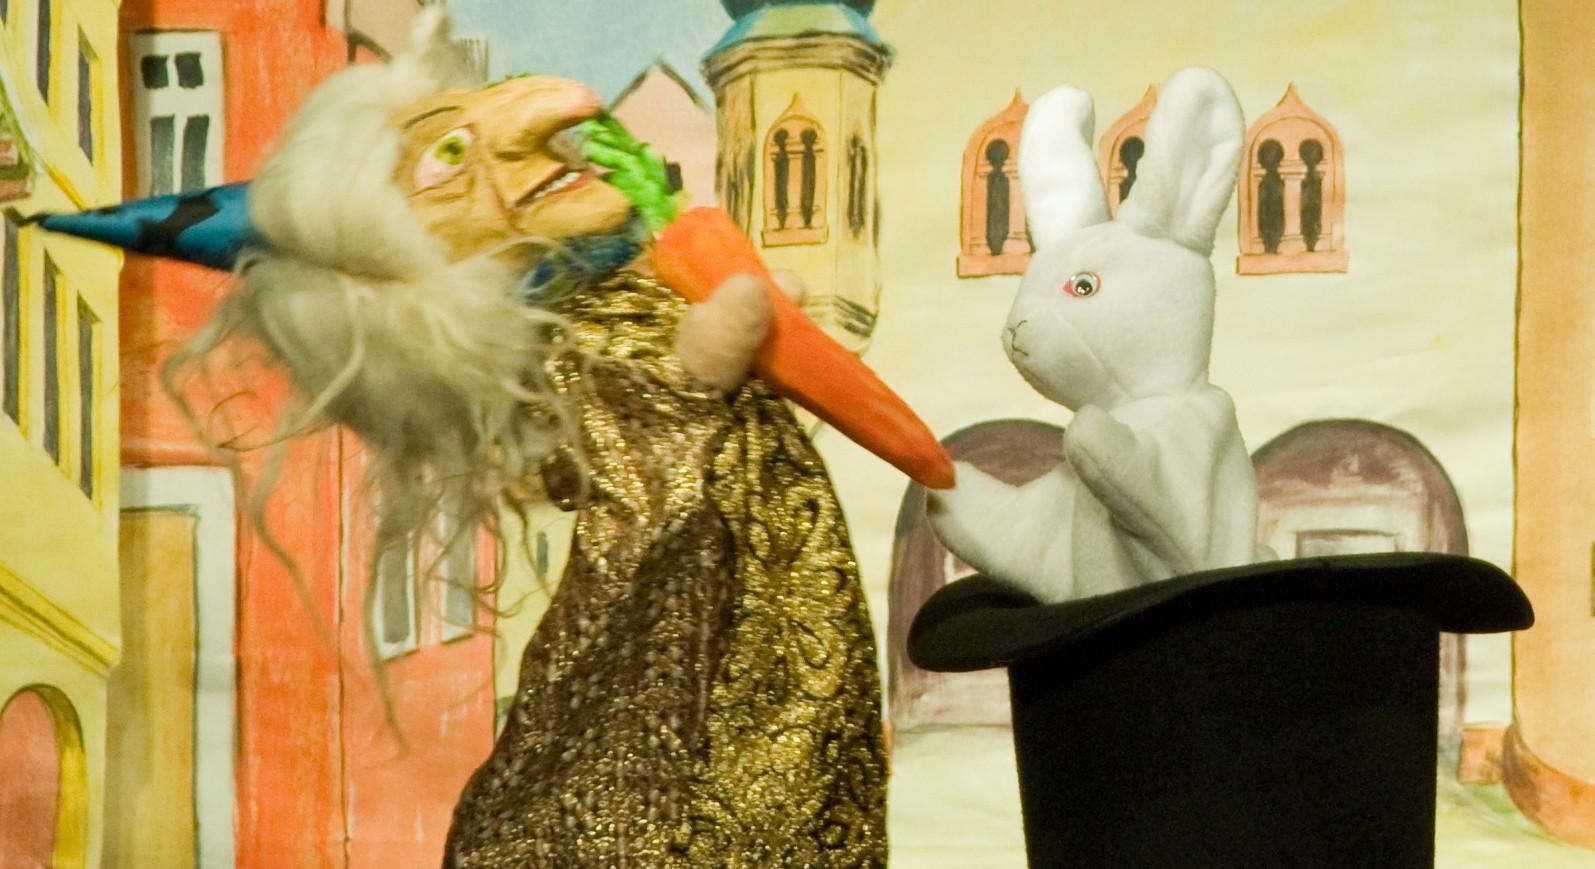 Der Zauberer Hurilaguri - Kaspertheater, Kinder, Spass, Unterhaltung, Comedy